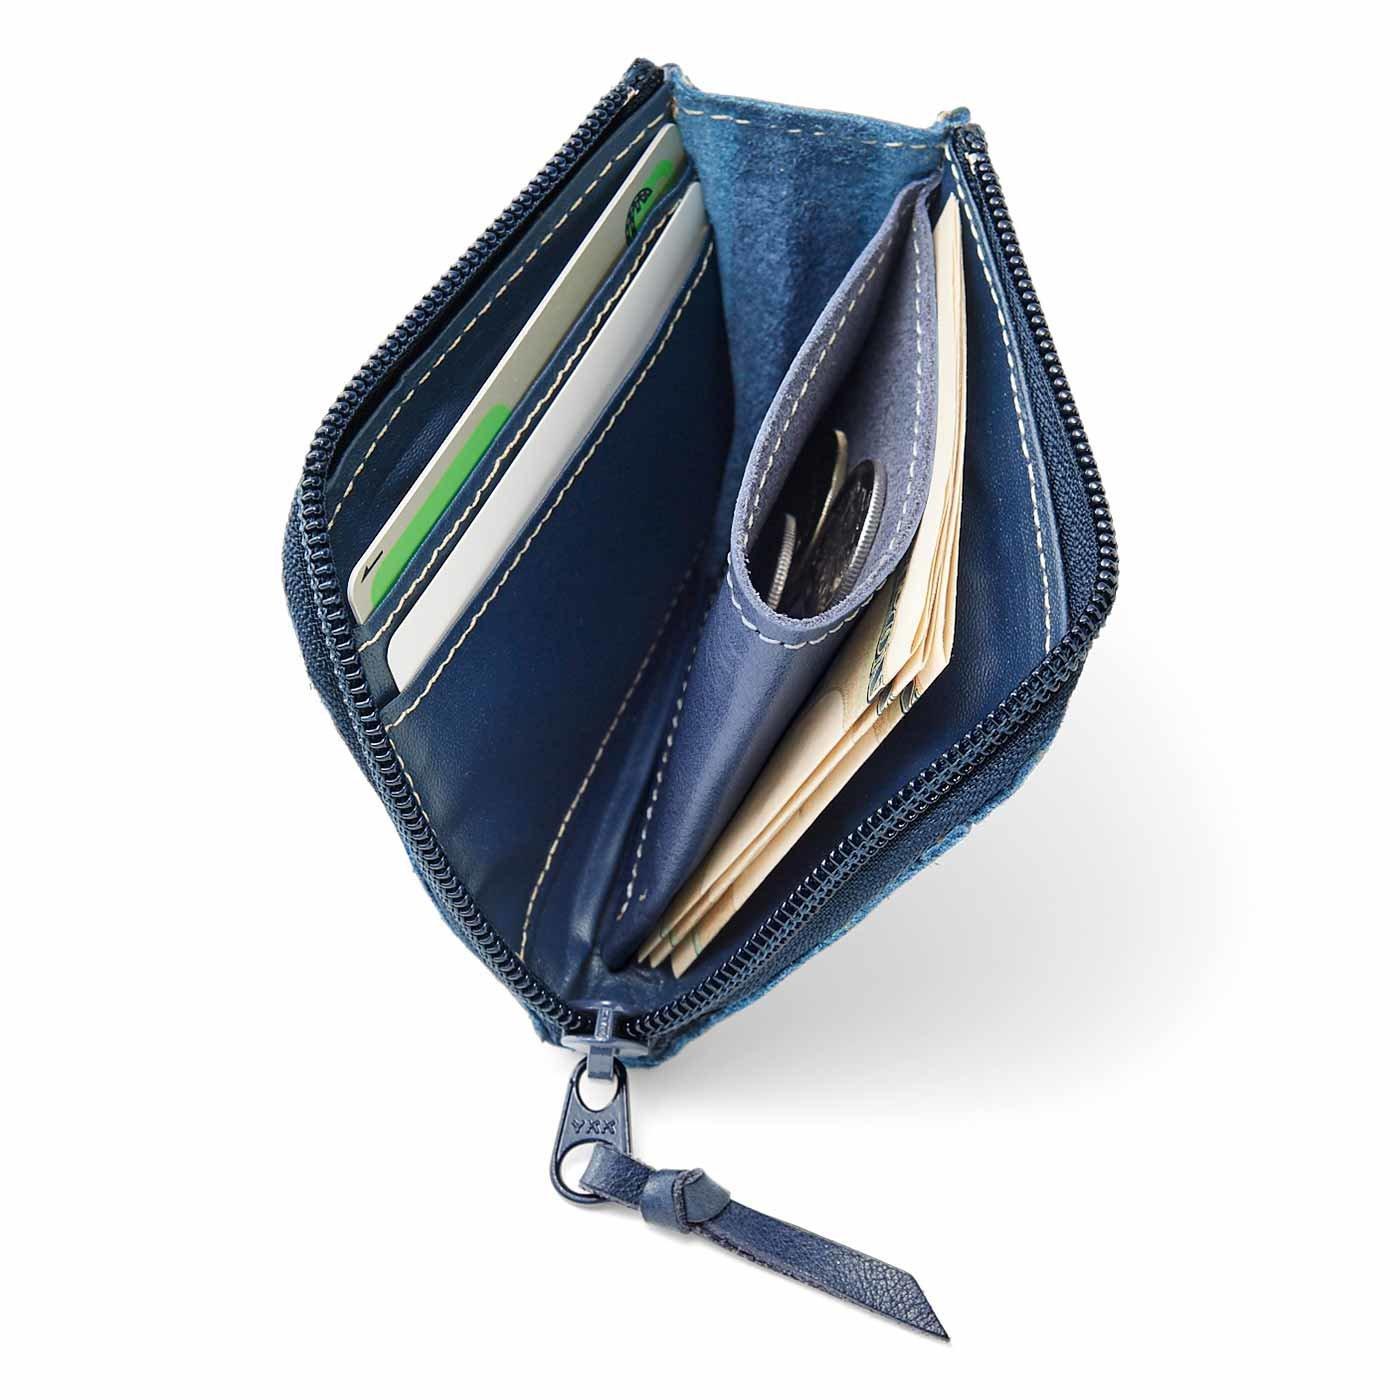 古着屋さんで見つけたような ヴィンテージ感あふれるインディゴ染めの本革ミニマム財布〈ユーズドインディゴブルー〉